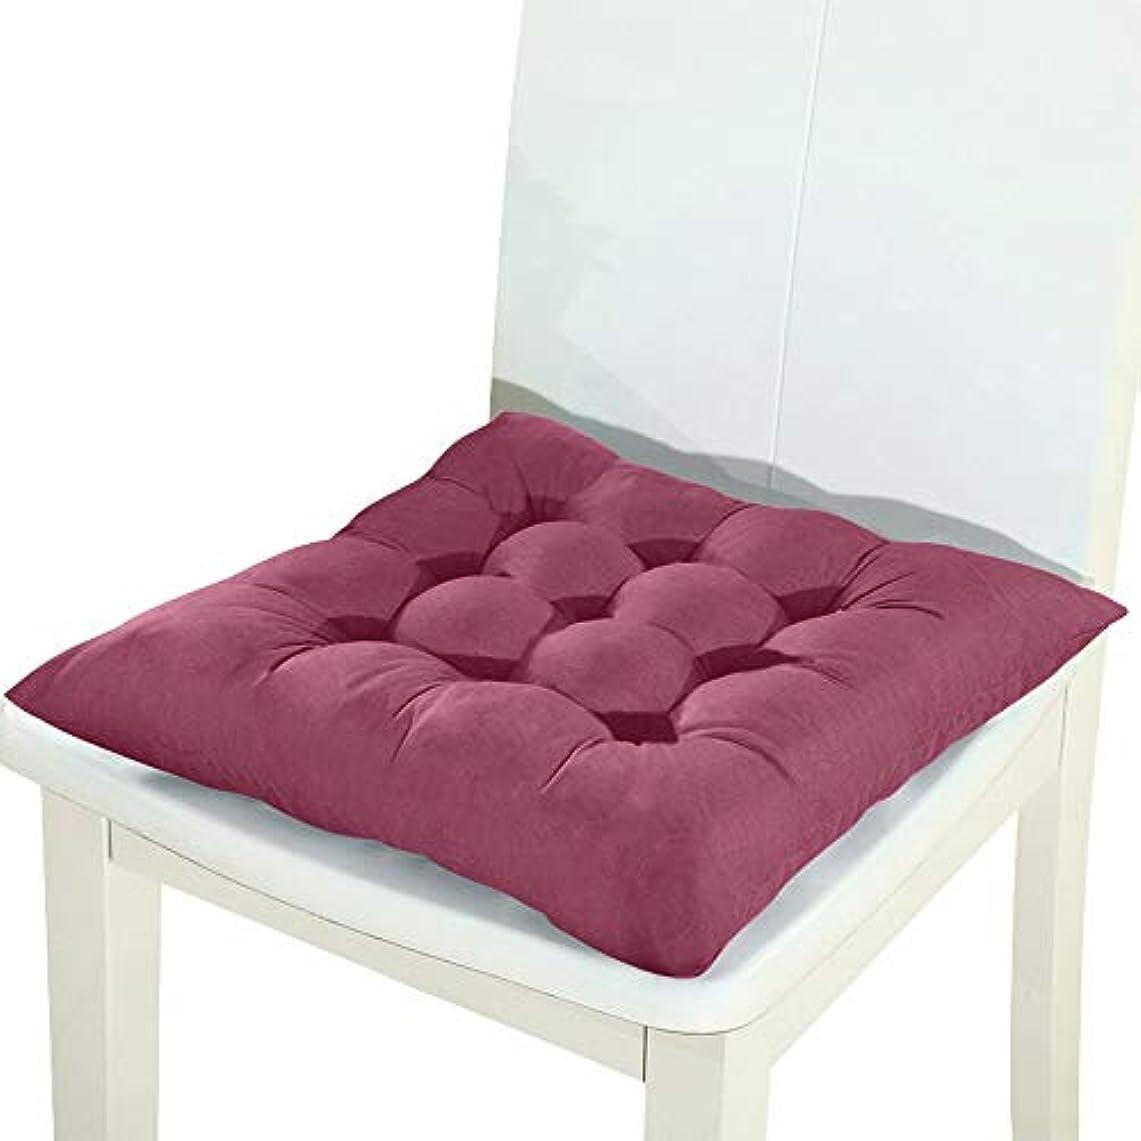 魚胚芽申し立てLIFE 1/2/4 個冬オフィスバー椅子バックシートクッションシートクッションパッドソファ枕臀部椅子クッション 37 × 37 センチメートル クッション 椅子